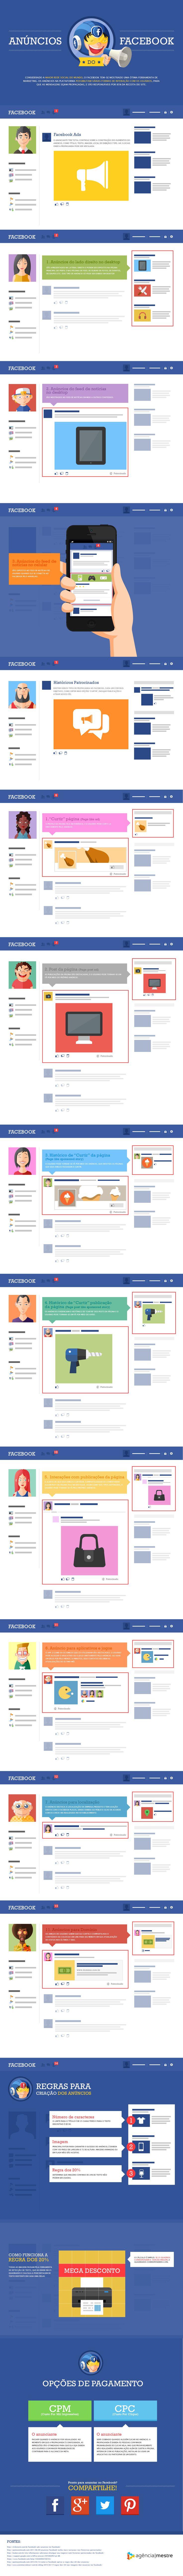 Infográfico - Anúncios do Facebook.   A Agência Mestre, focada em SEO, resolveu mostrar os tipos de anúncios no Facebook. A empresa lançou um site com exemplos de todos os tipos de ads.   Feito em scrolling, a página mostra quais as publicidades da maior rede social do mundo exemplificando, por meio de imagens, como elas funcionam.   Há também a versão em imagem do Guia (veja abaixo) com todas as informações contidas no site.   O Guia possui amostras dos anúncios do feed de notícias no…